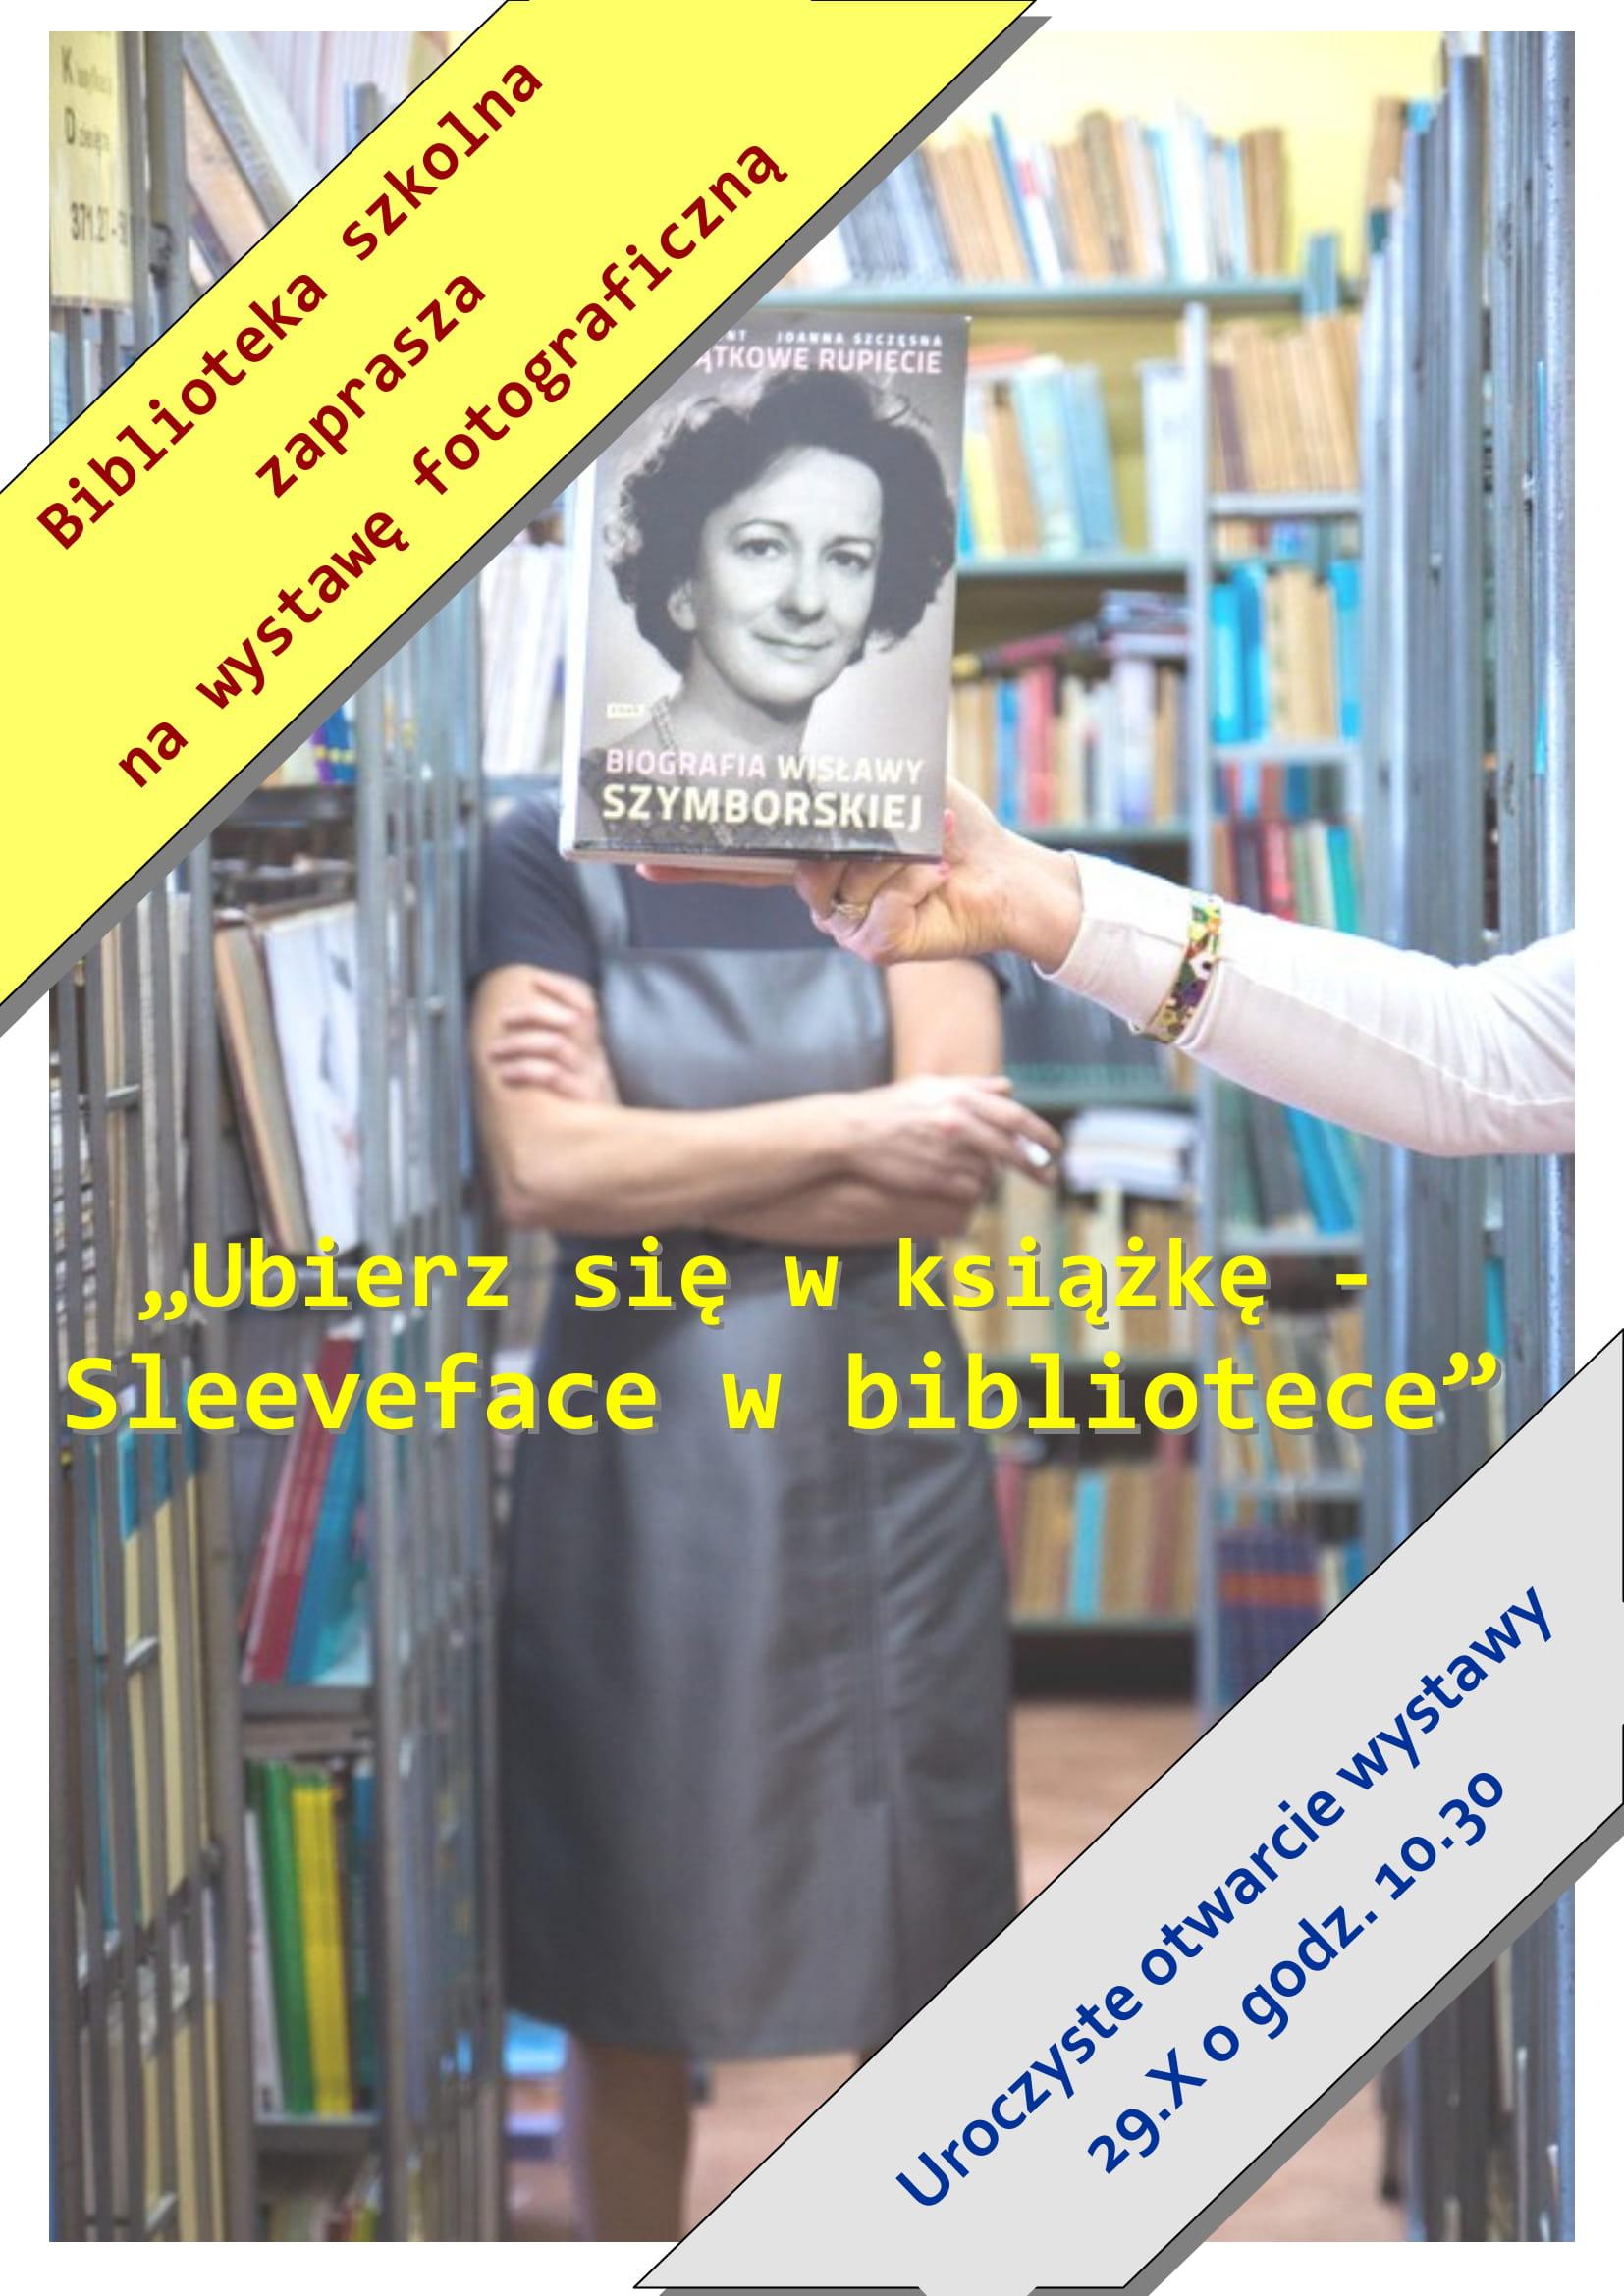 wystawa-sleeveface-zaproszenie-1.jpg